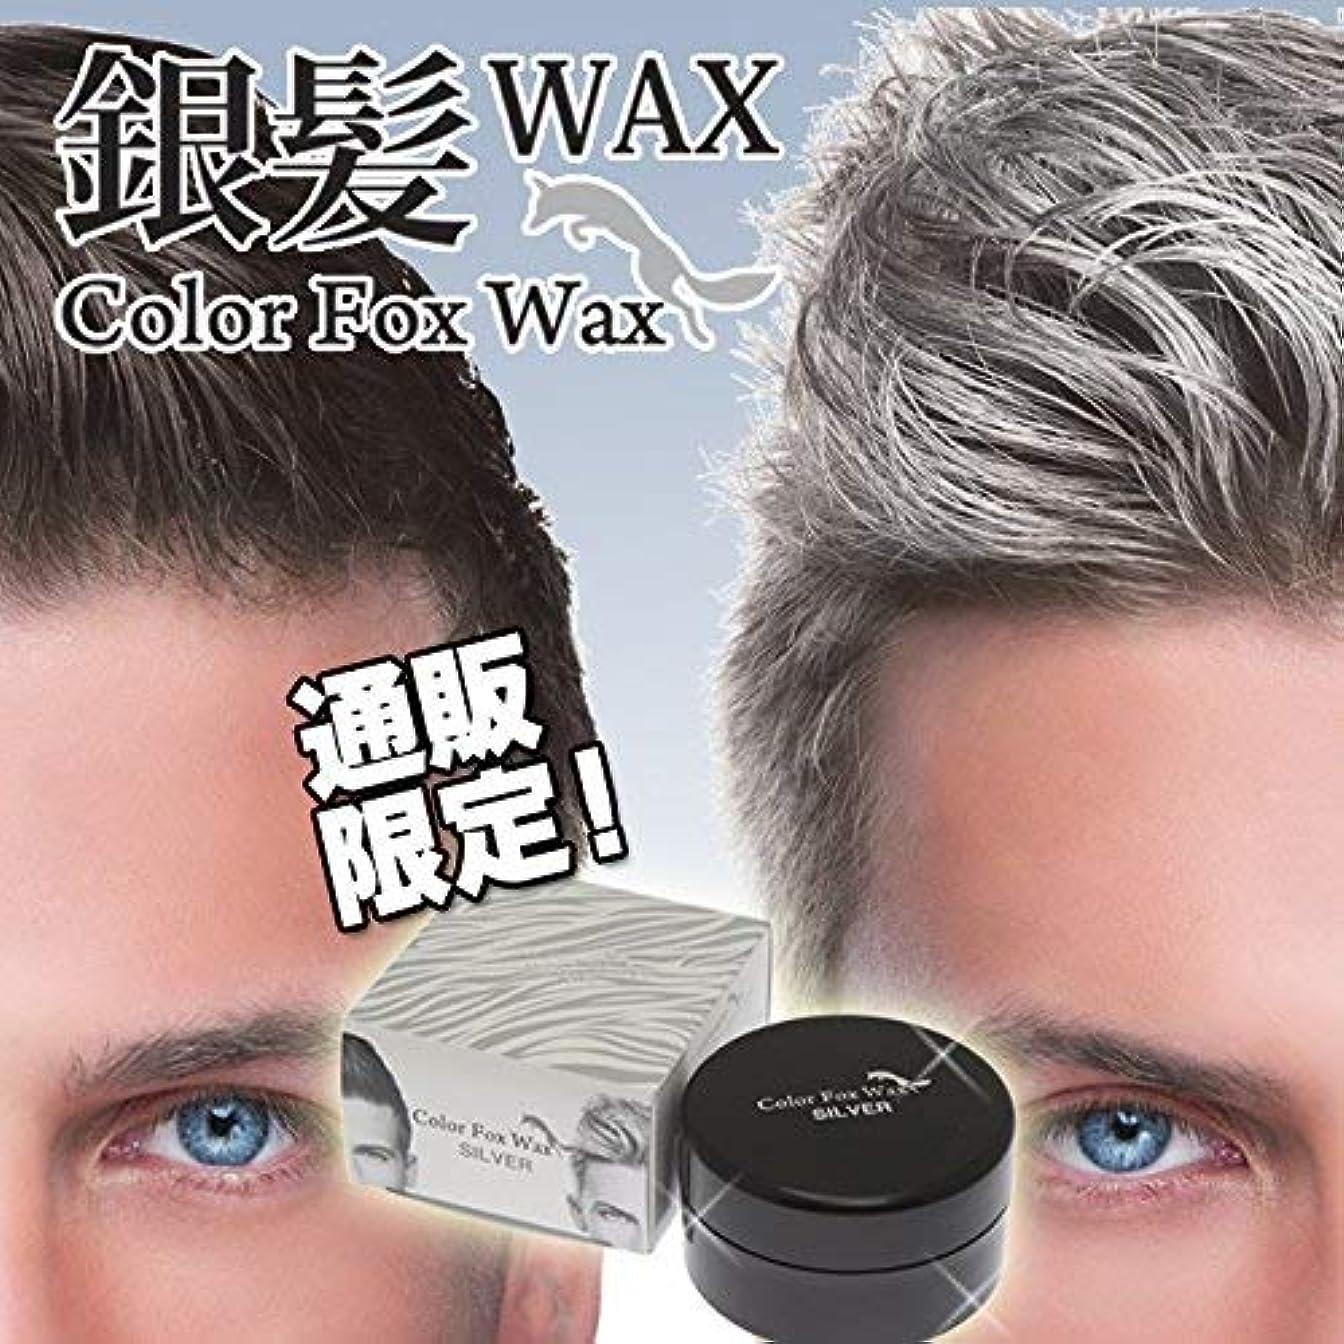 一流ダニスクリュー【正規品】1DAY銀髪カラーリング カラーフォックスワックス シルバー120g